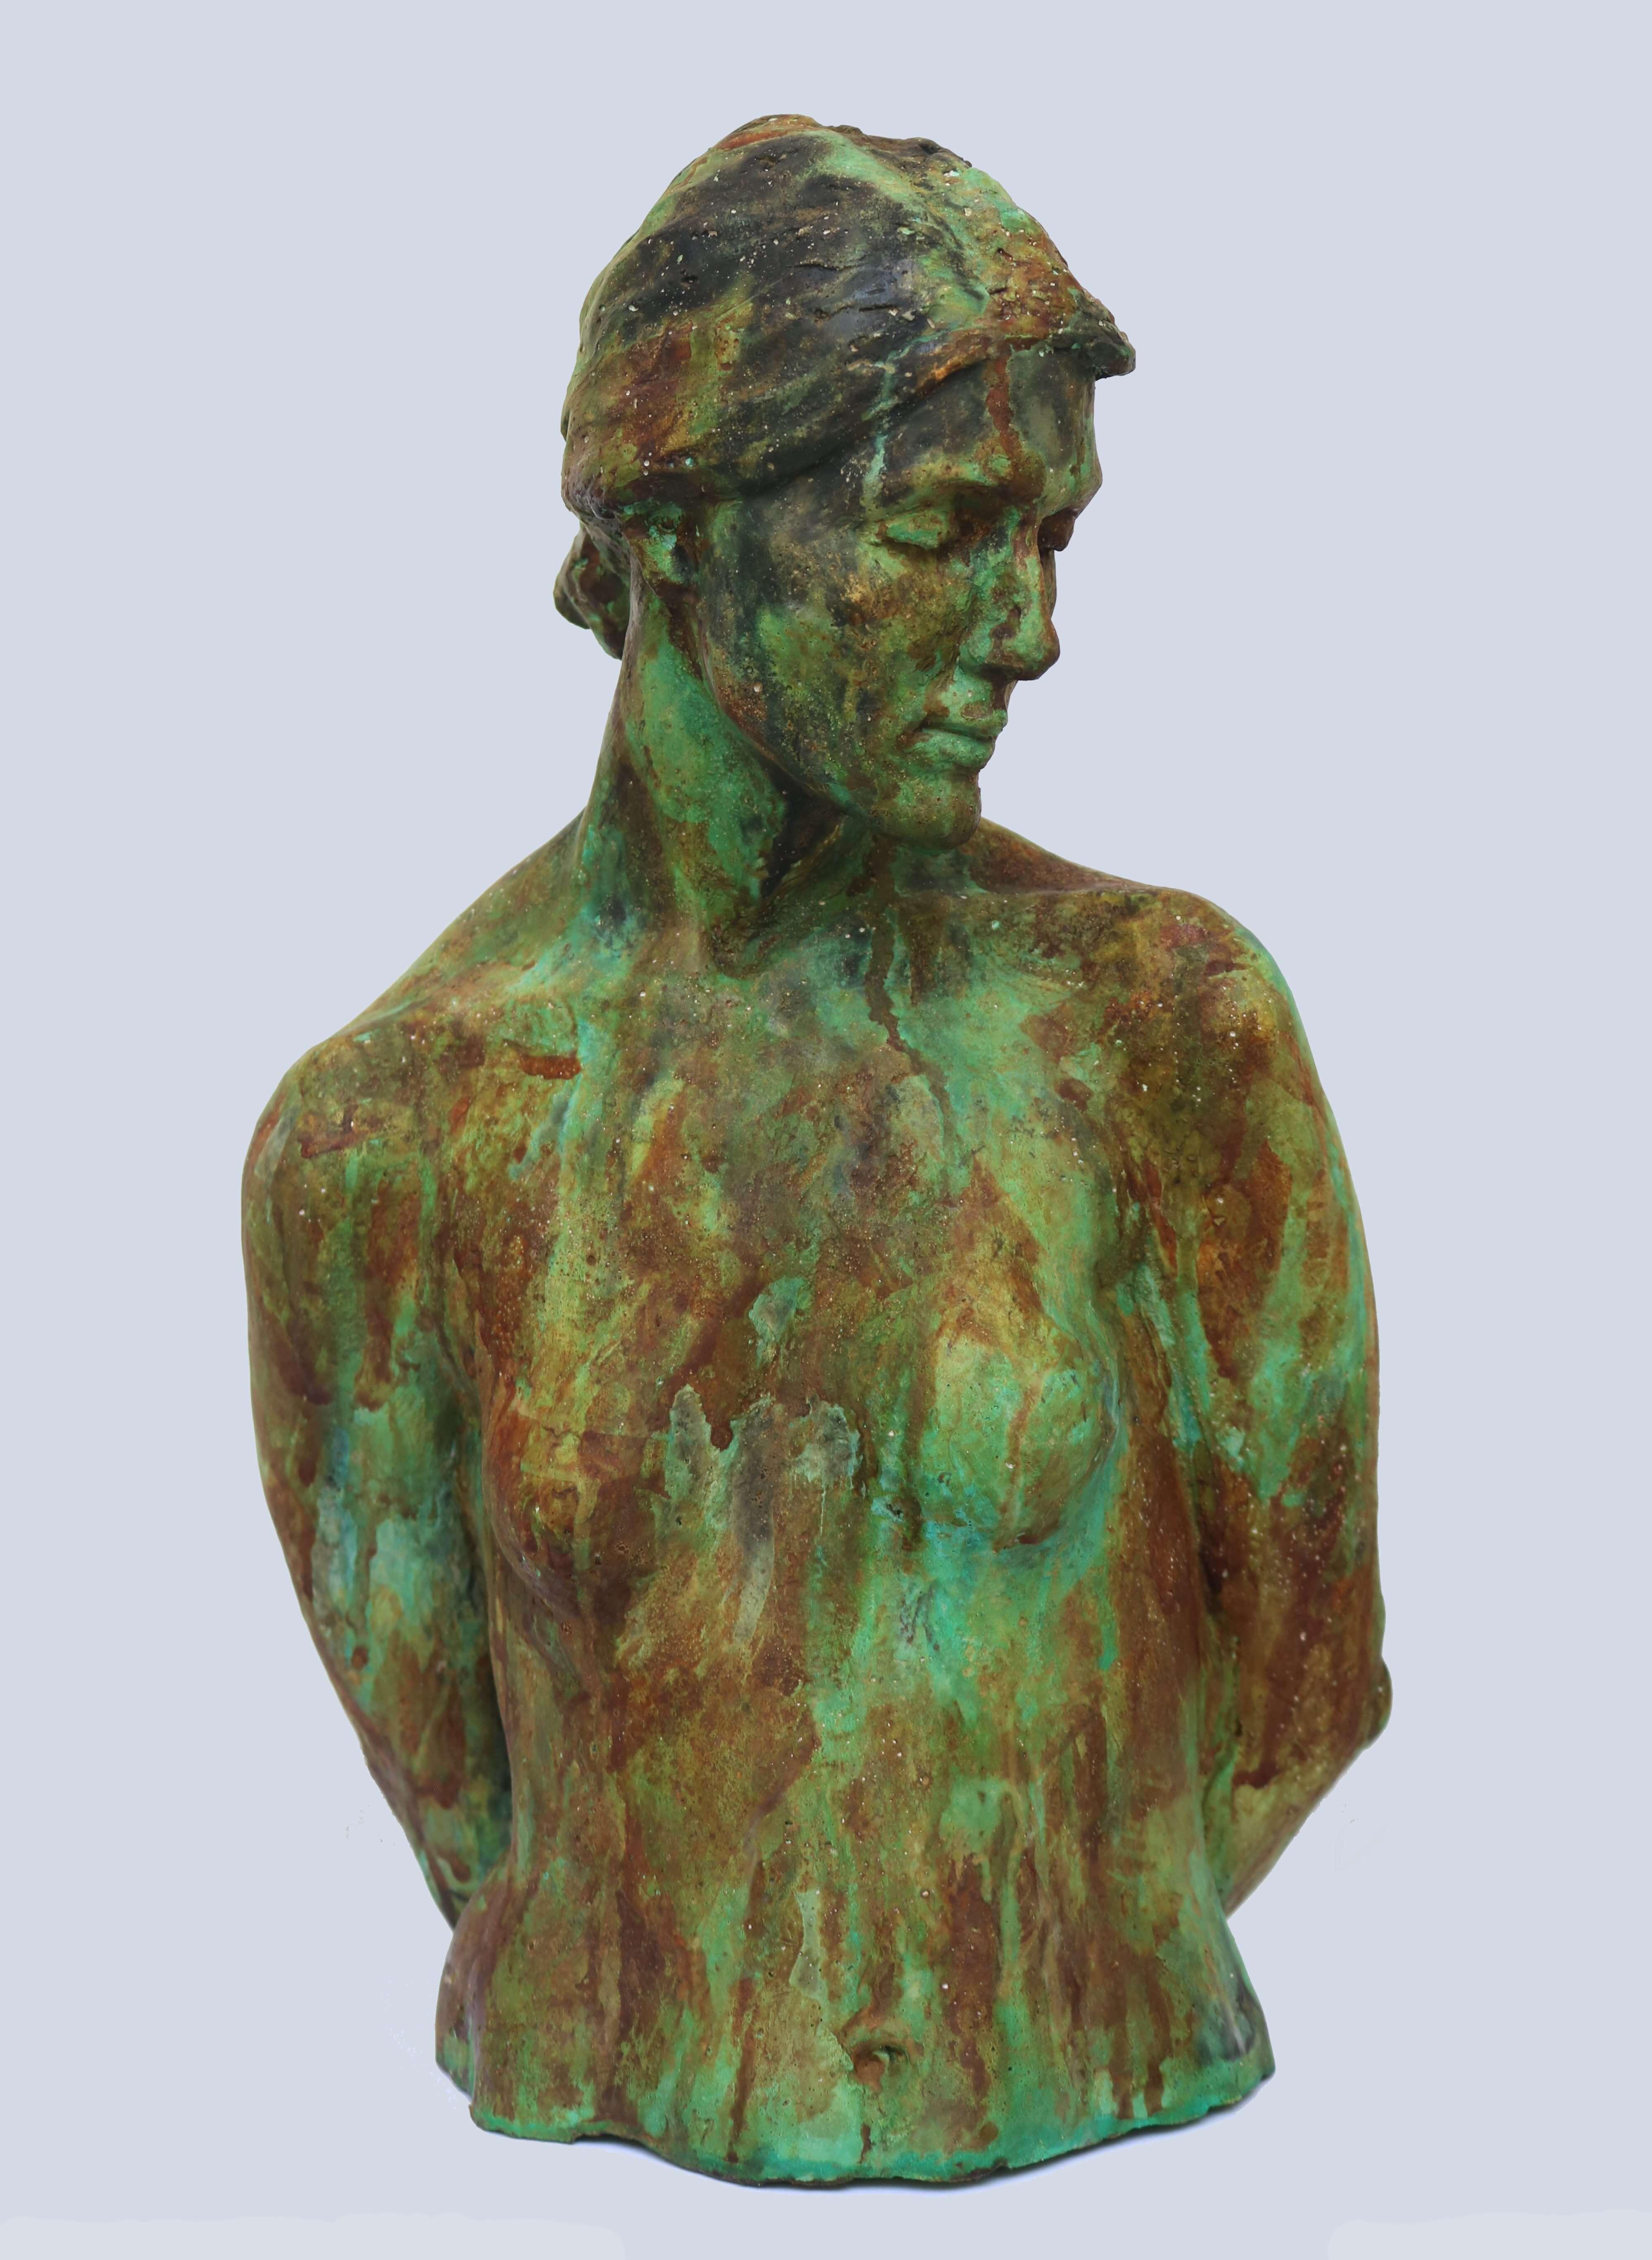 Figurative Sculpture / Torso / Shani Shemesh